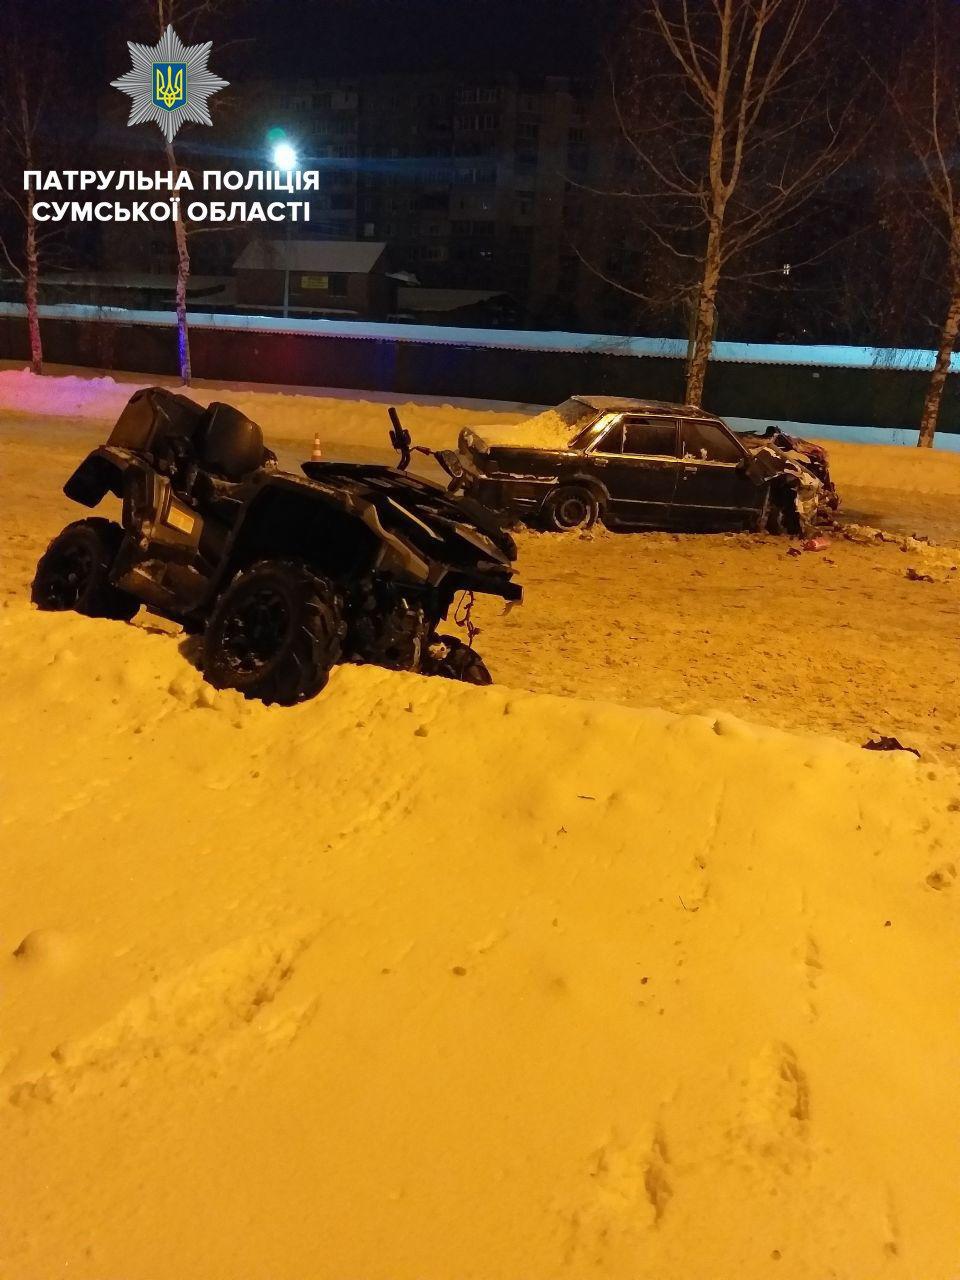 Патрульные рассказали про ДТП в Сумах, в котором пострадали водитель и пассажирка квадроцикла , фото-2